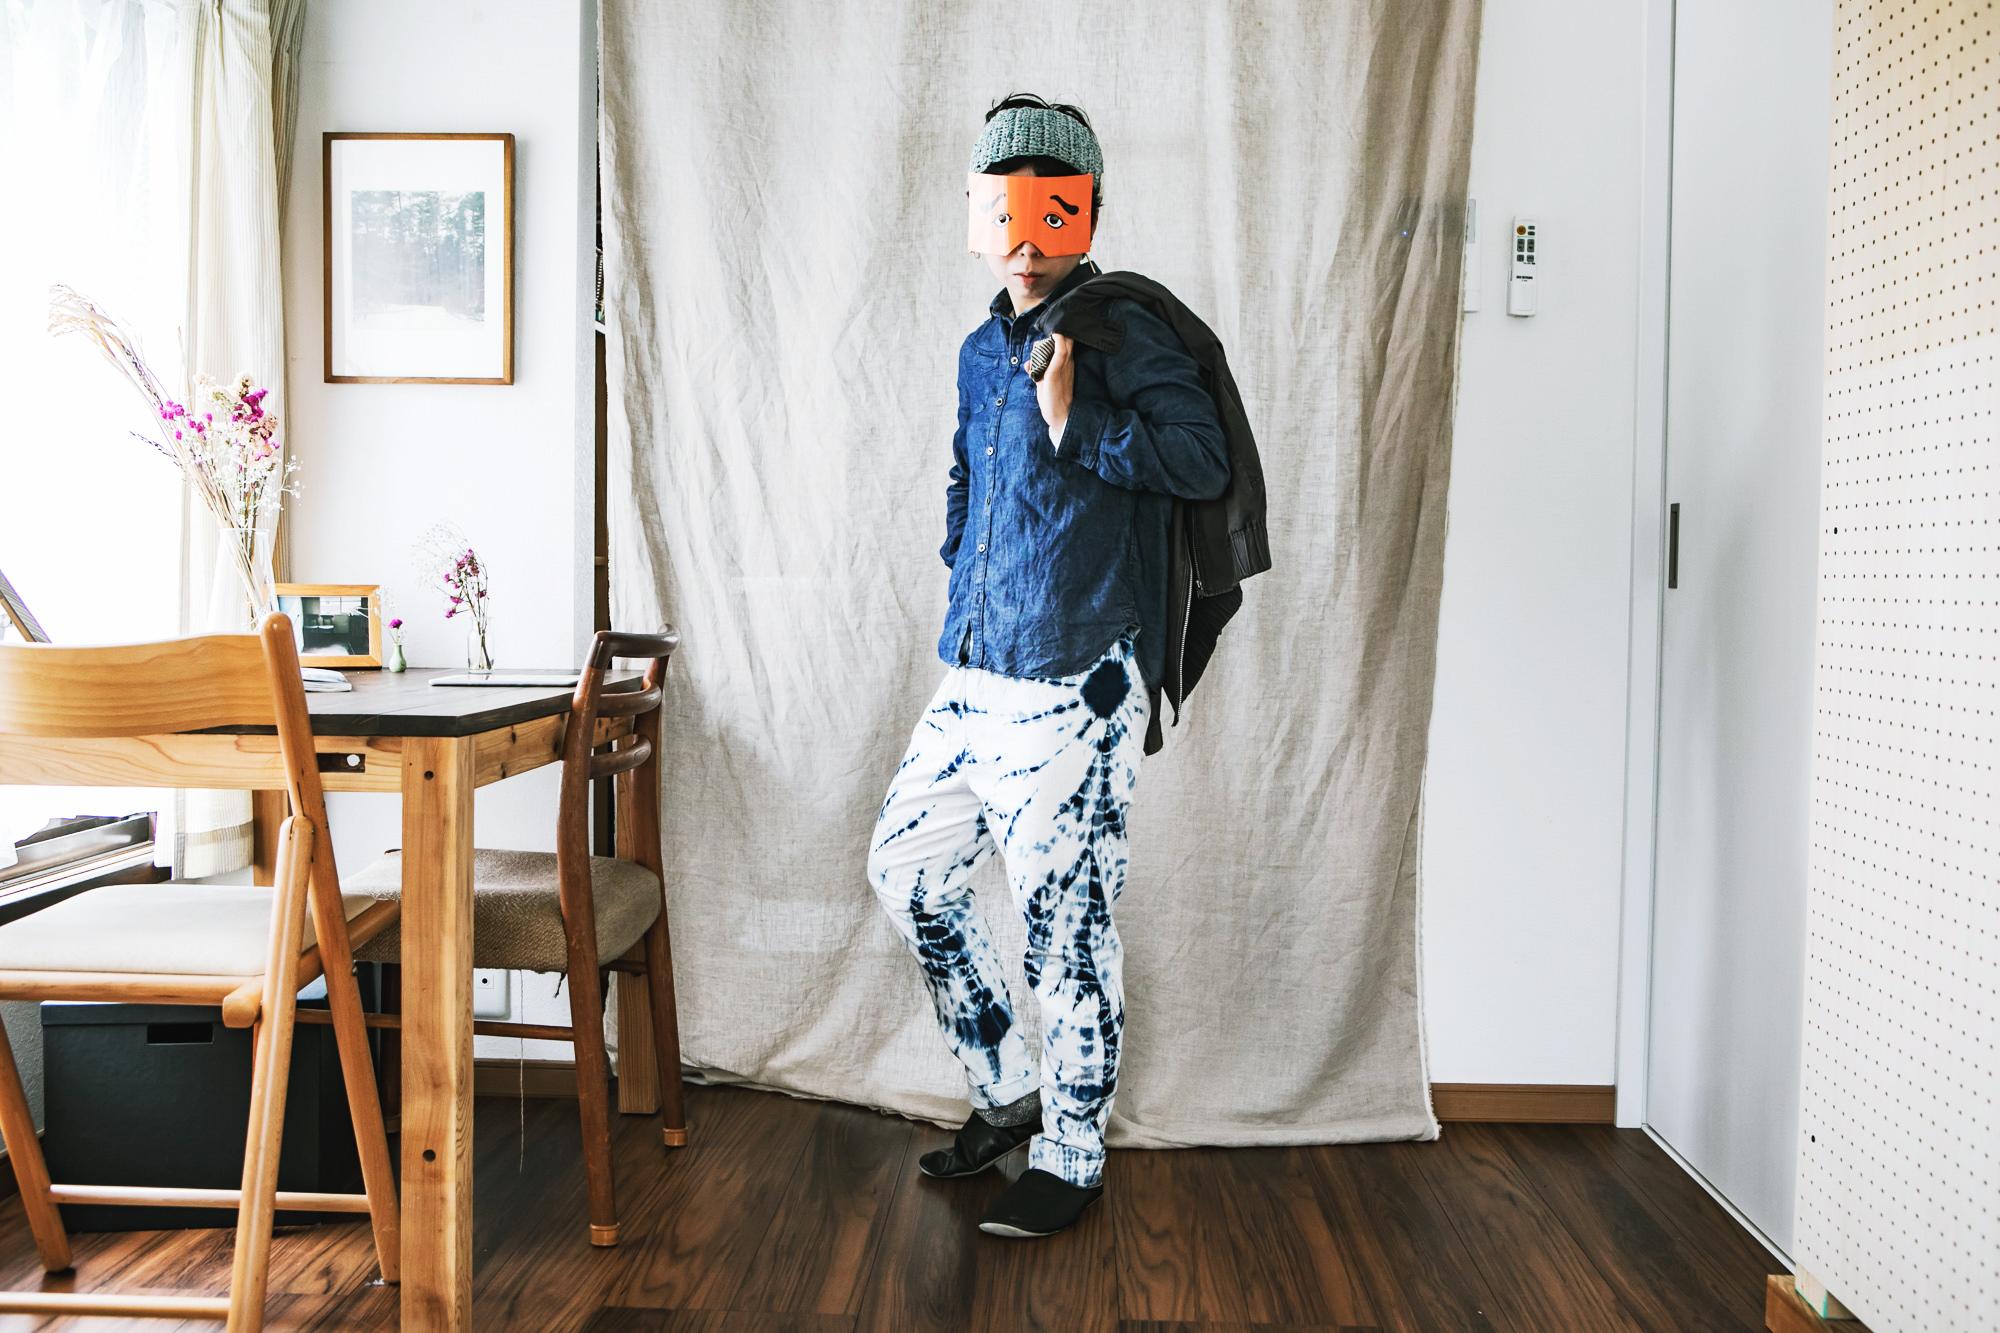 うなぎの寝床 現代風もんぺ 藍・墨染 宝島染工 藍柳絞り